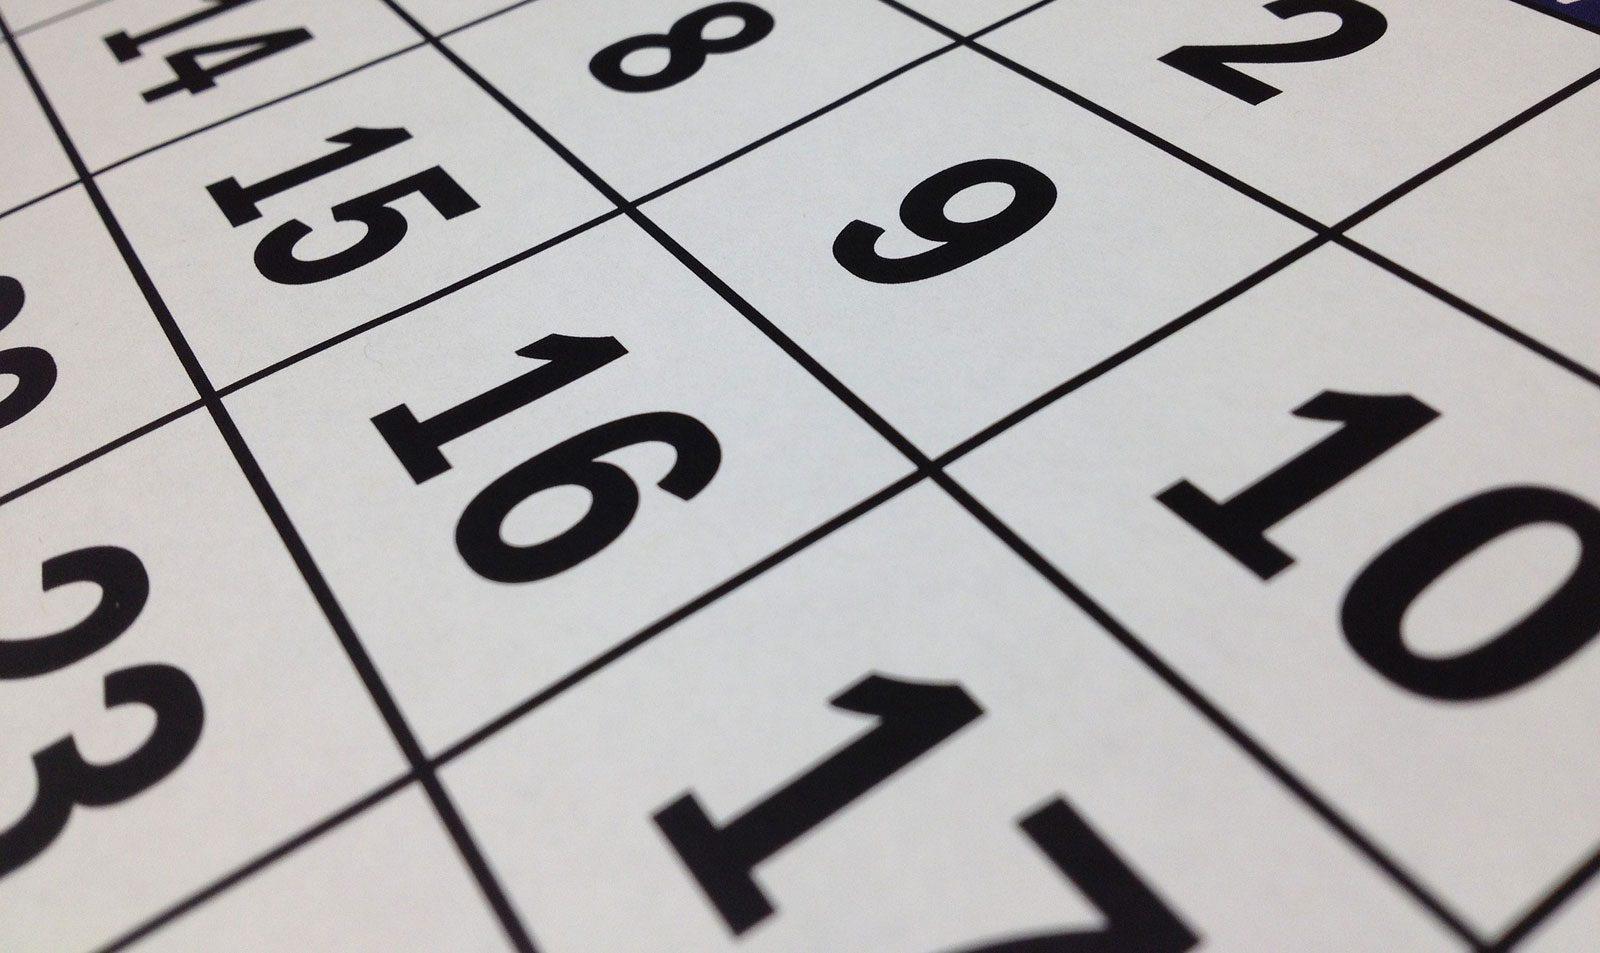 Vente de calendriers à Metz Métropole : gare aux faux agents